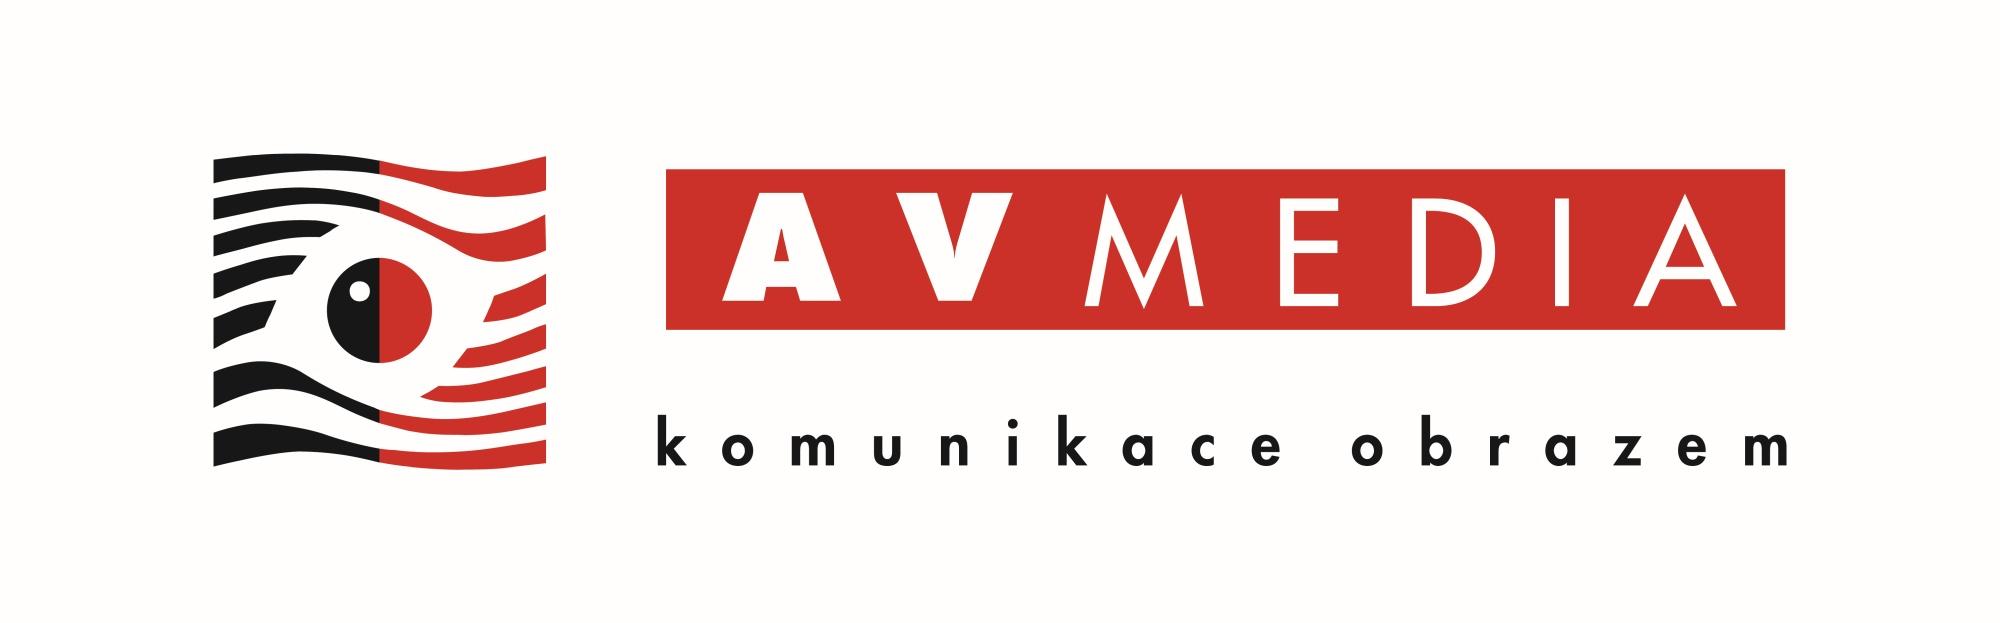 av-media-logo